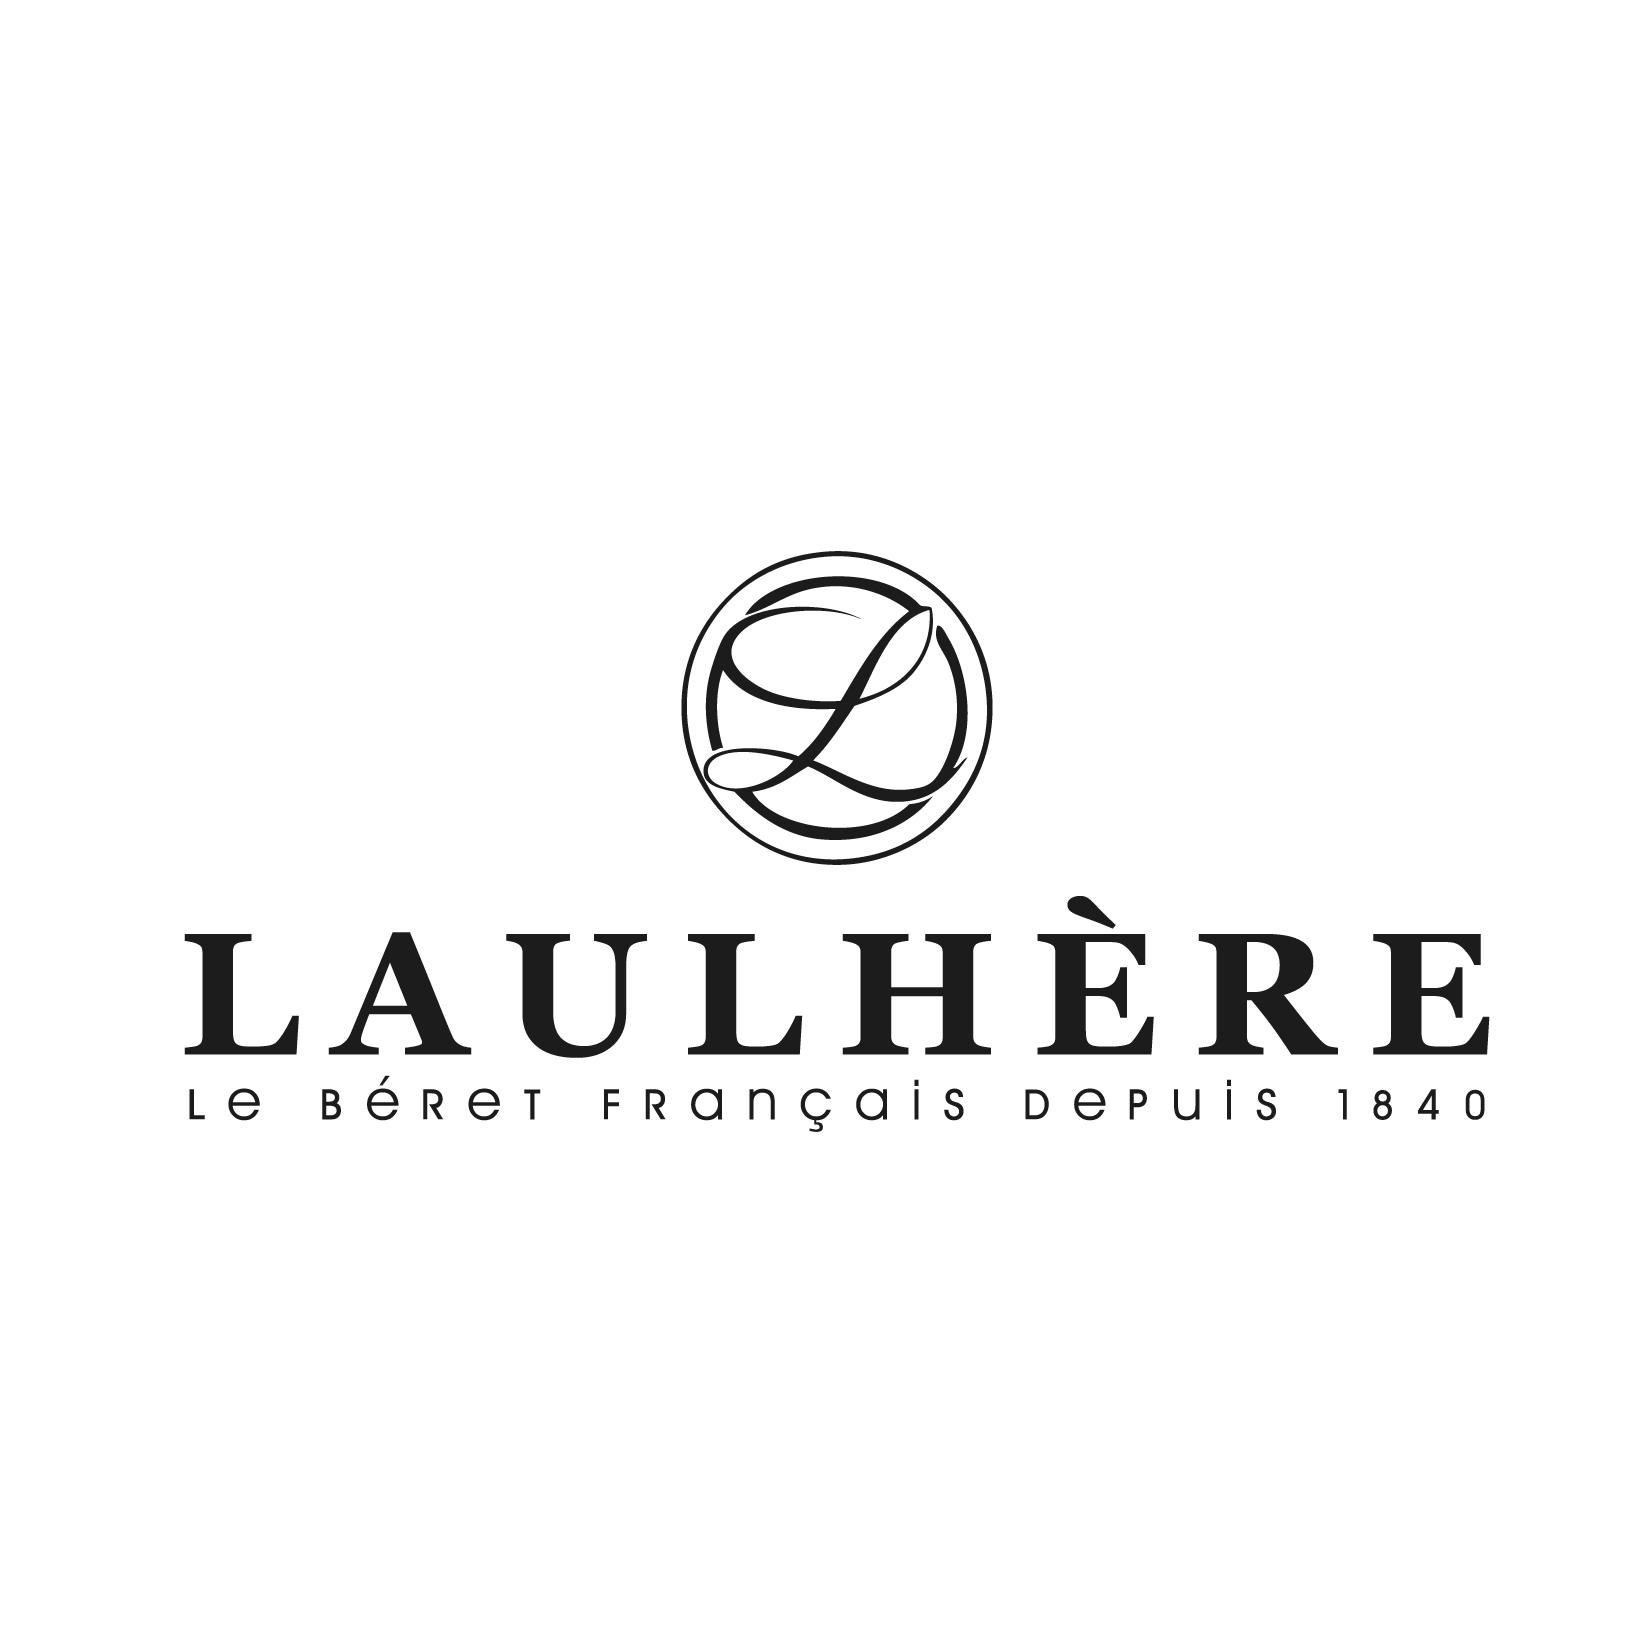 logo Laulhère